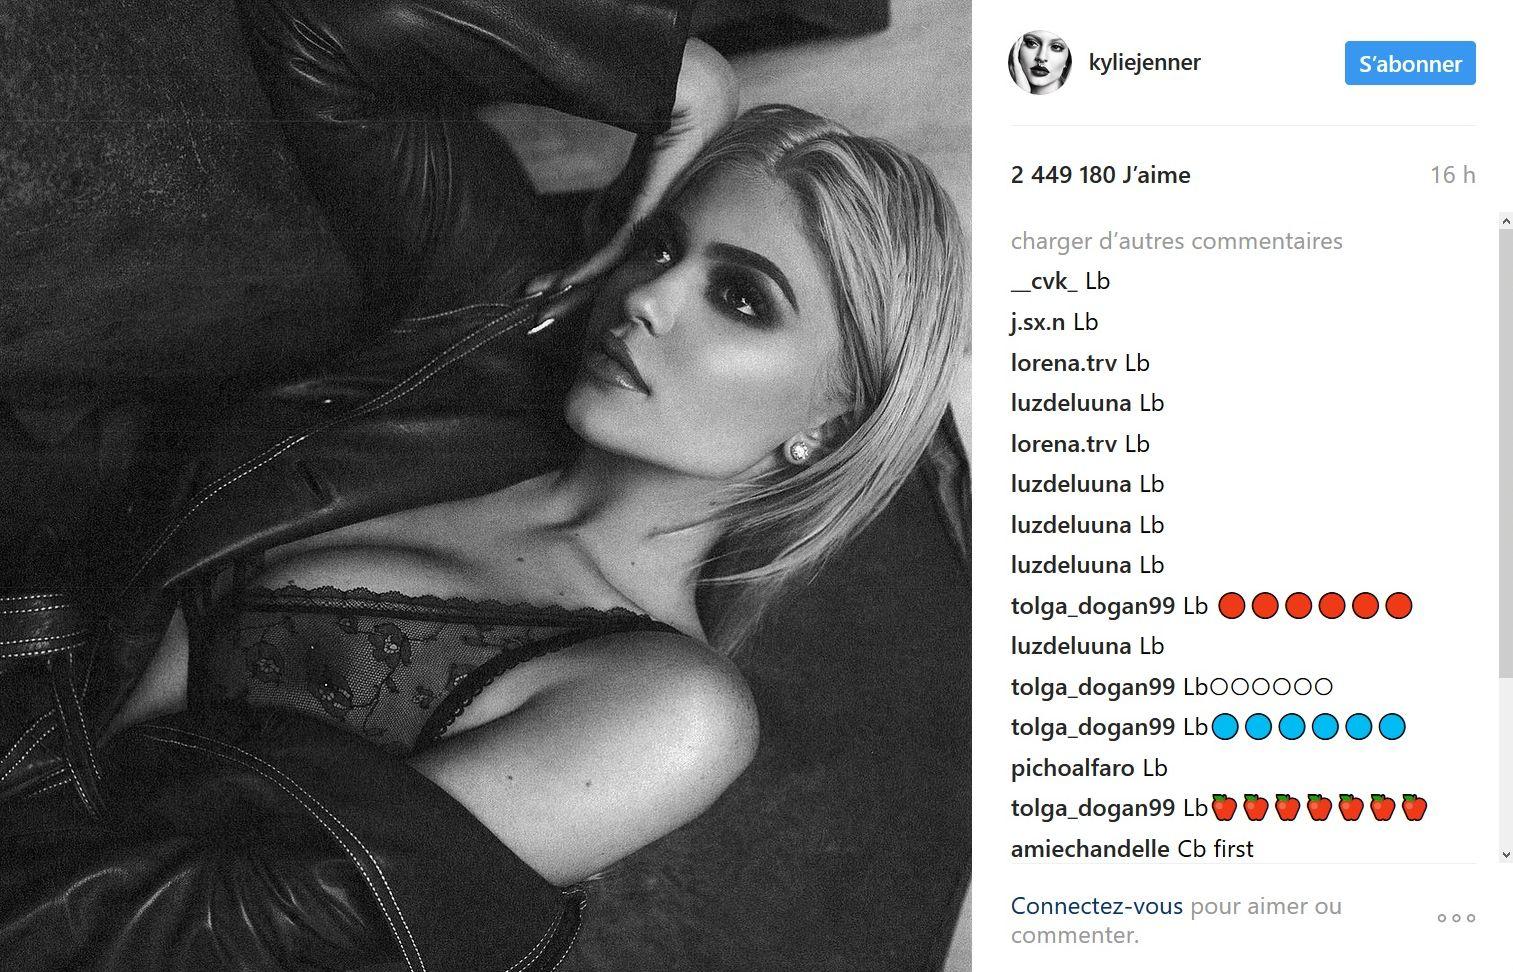 Kylie Jenner : En soutien-gorge transparent, elle dévoile son téton percé sur Instagram !